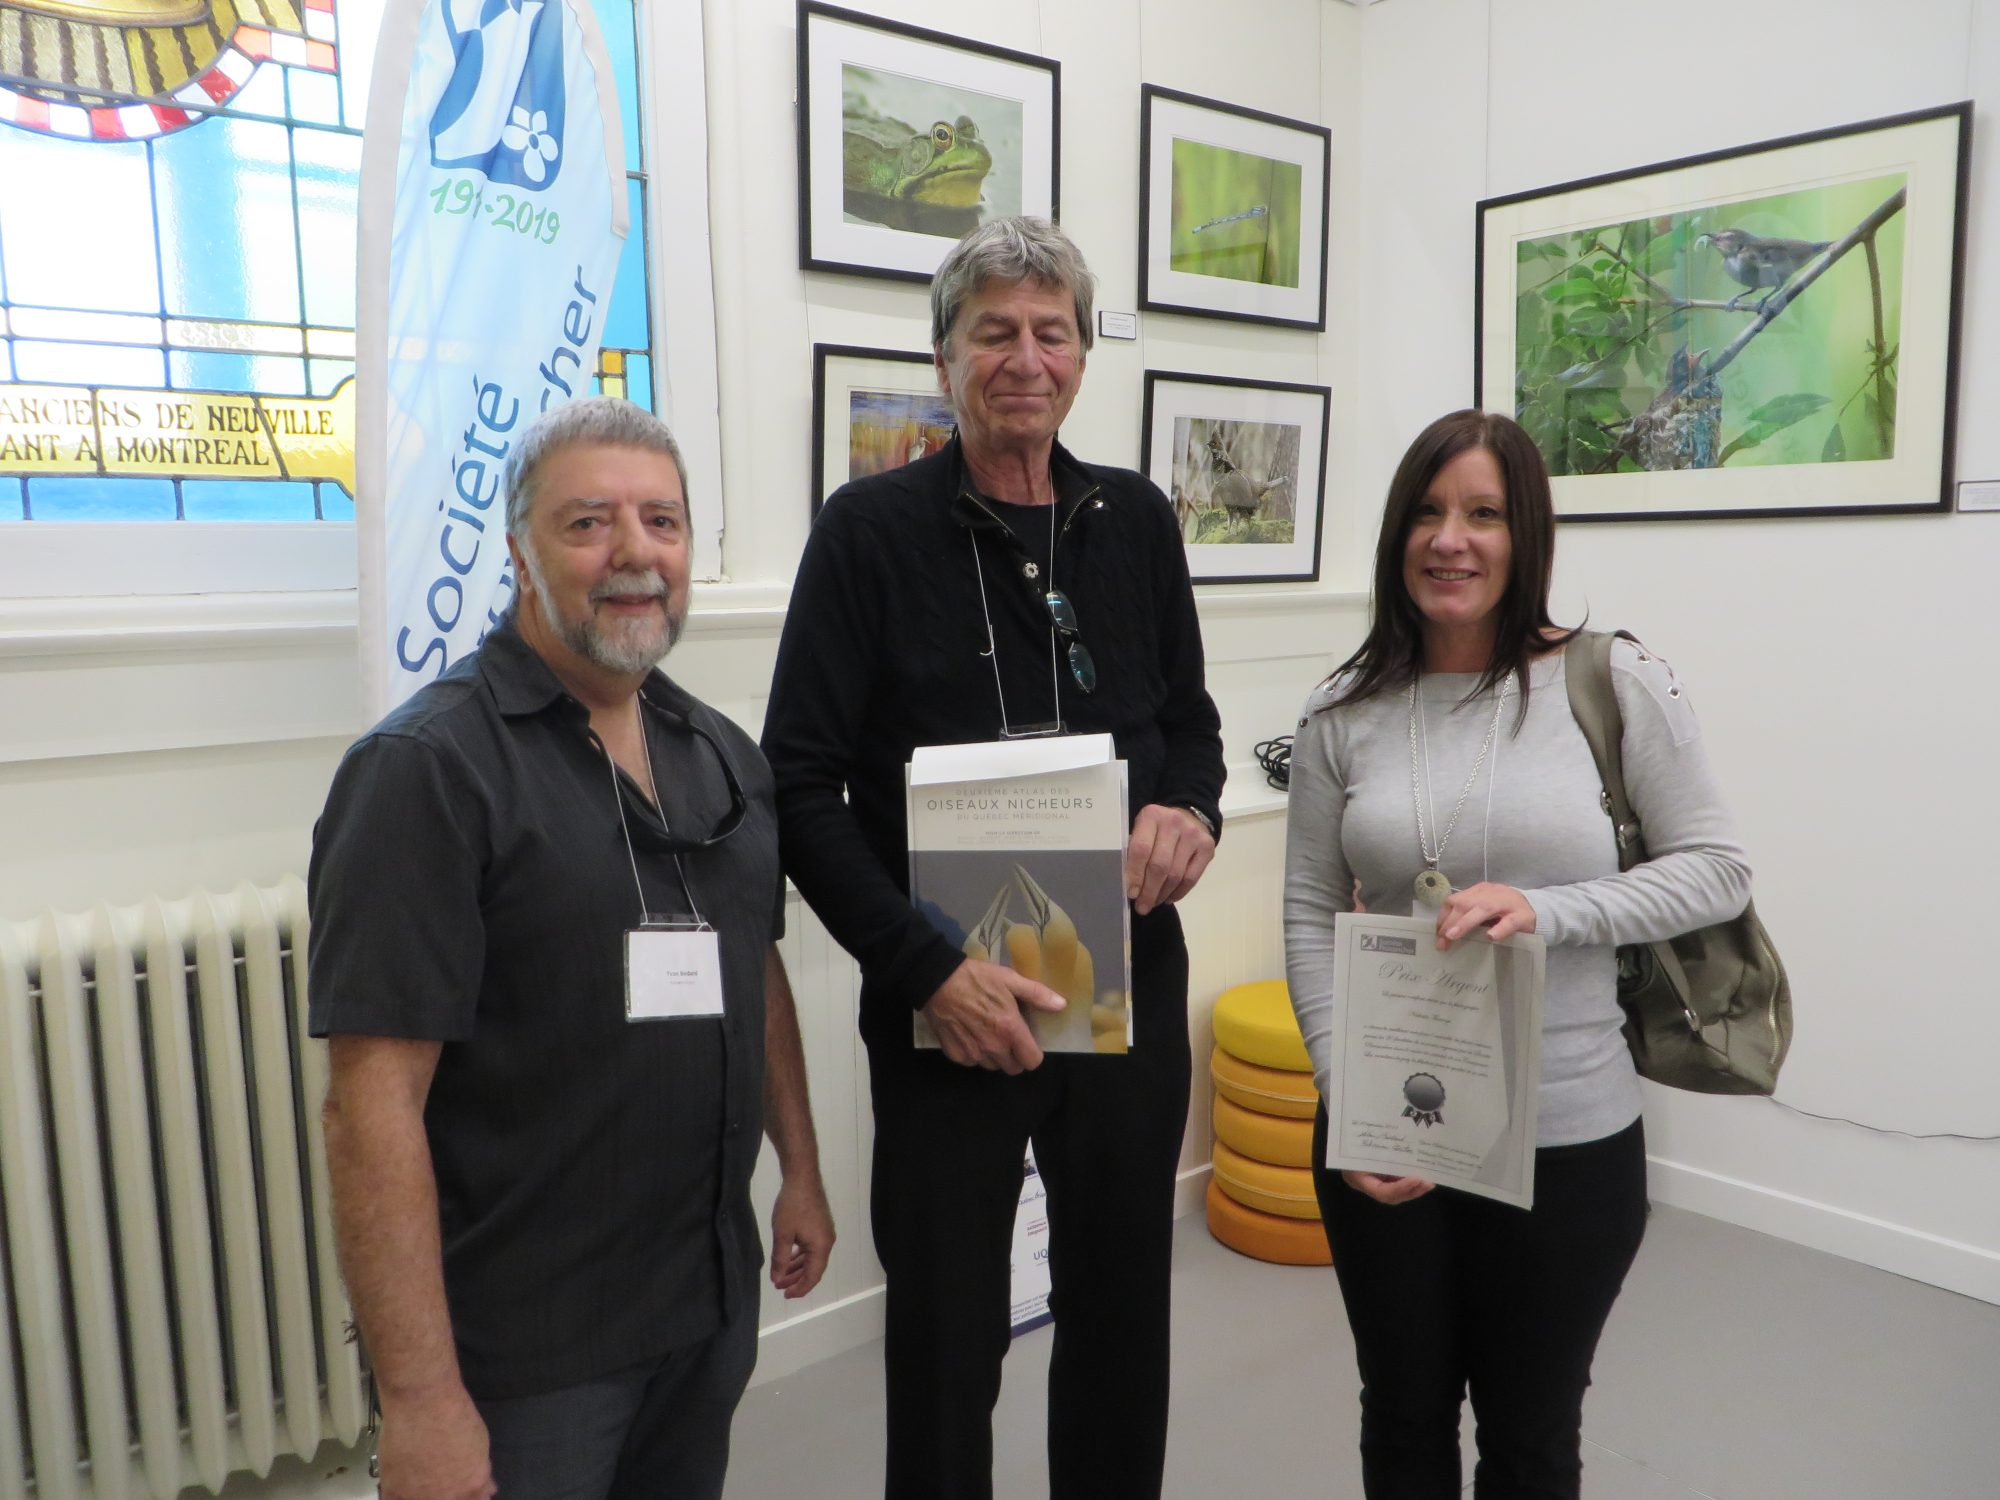 La gagnante du prix ARGENT, Mme Nathalie Théberge, en compagnie du président du jury, M. Yvan Bédard et de M. Daniel St-Onge, président de la Société Provancher. Photo : Réhaume Courtois.